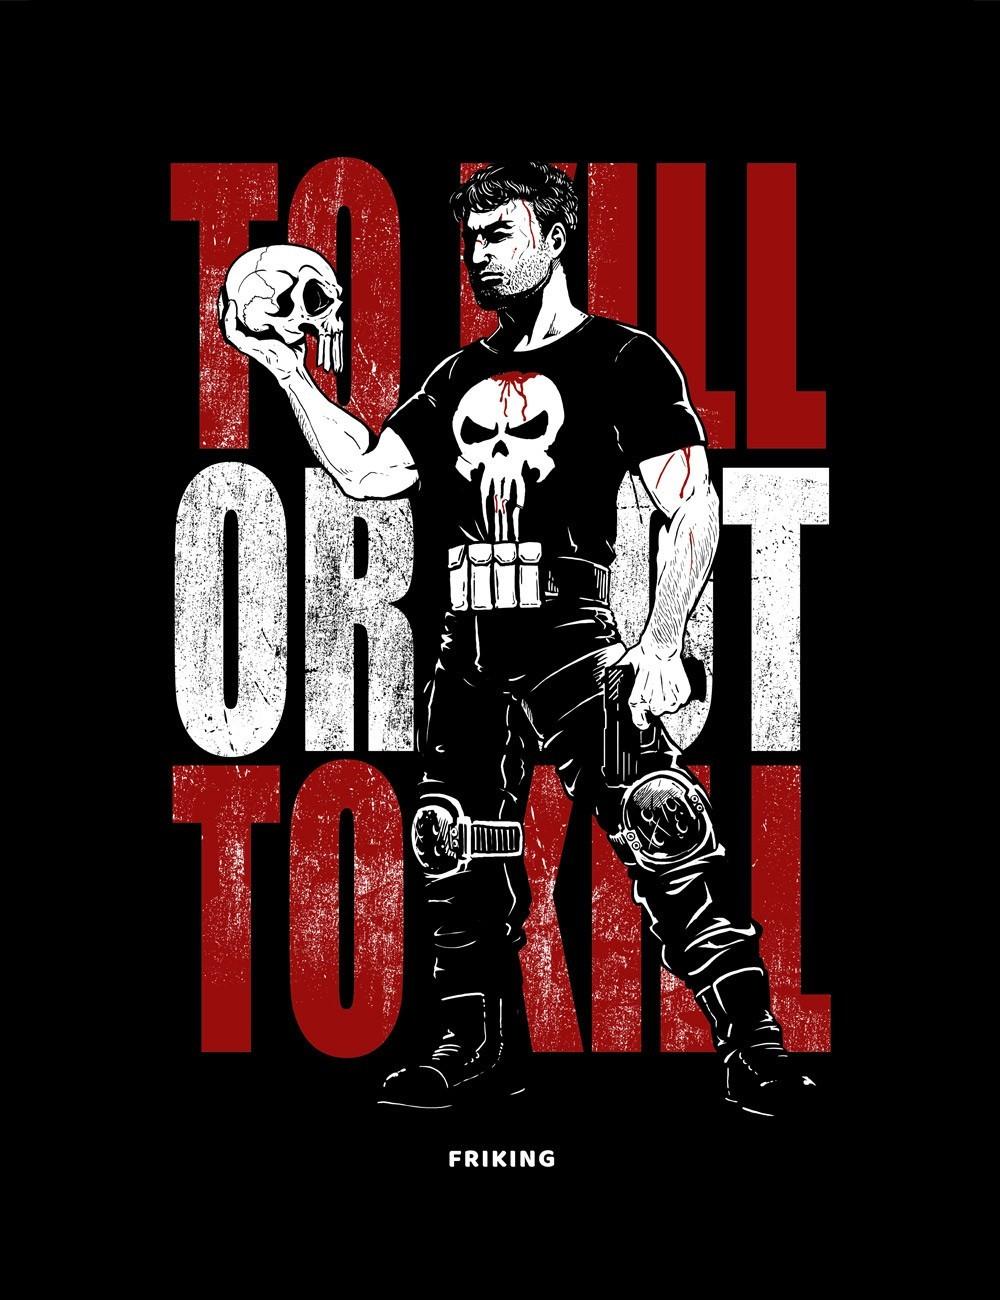 To kill or not to kill